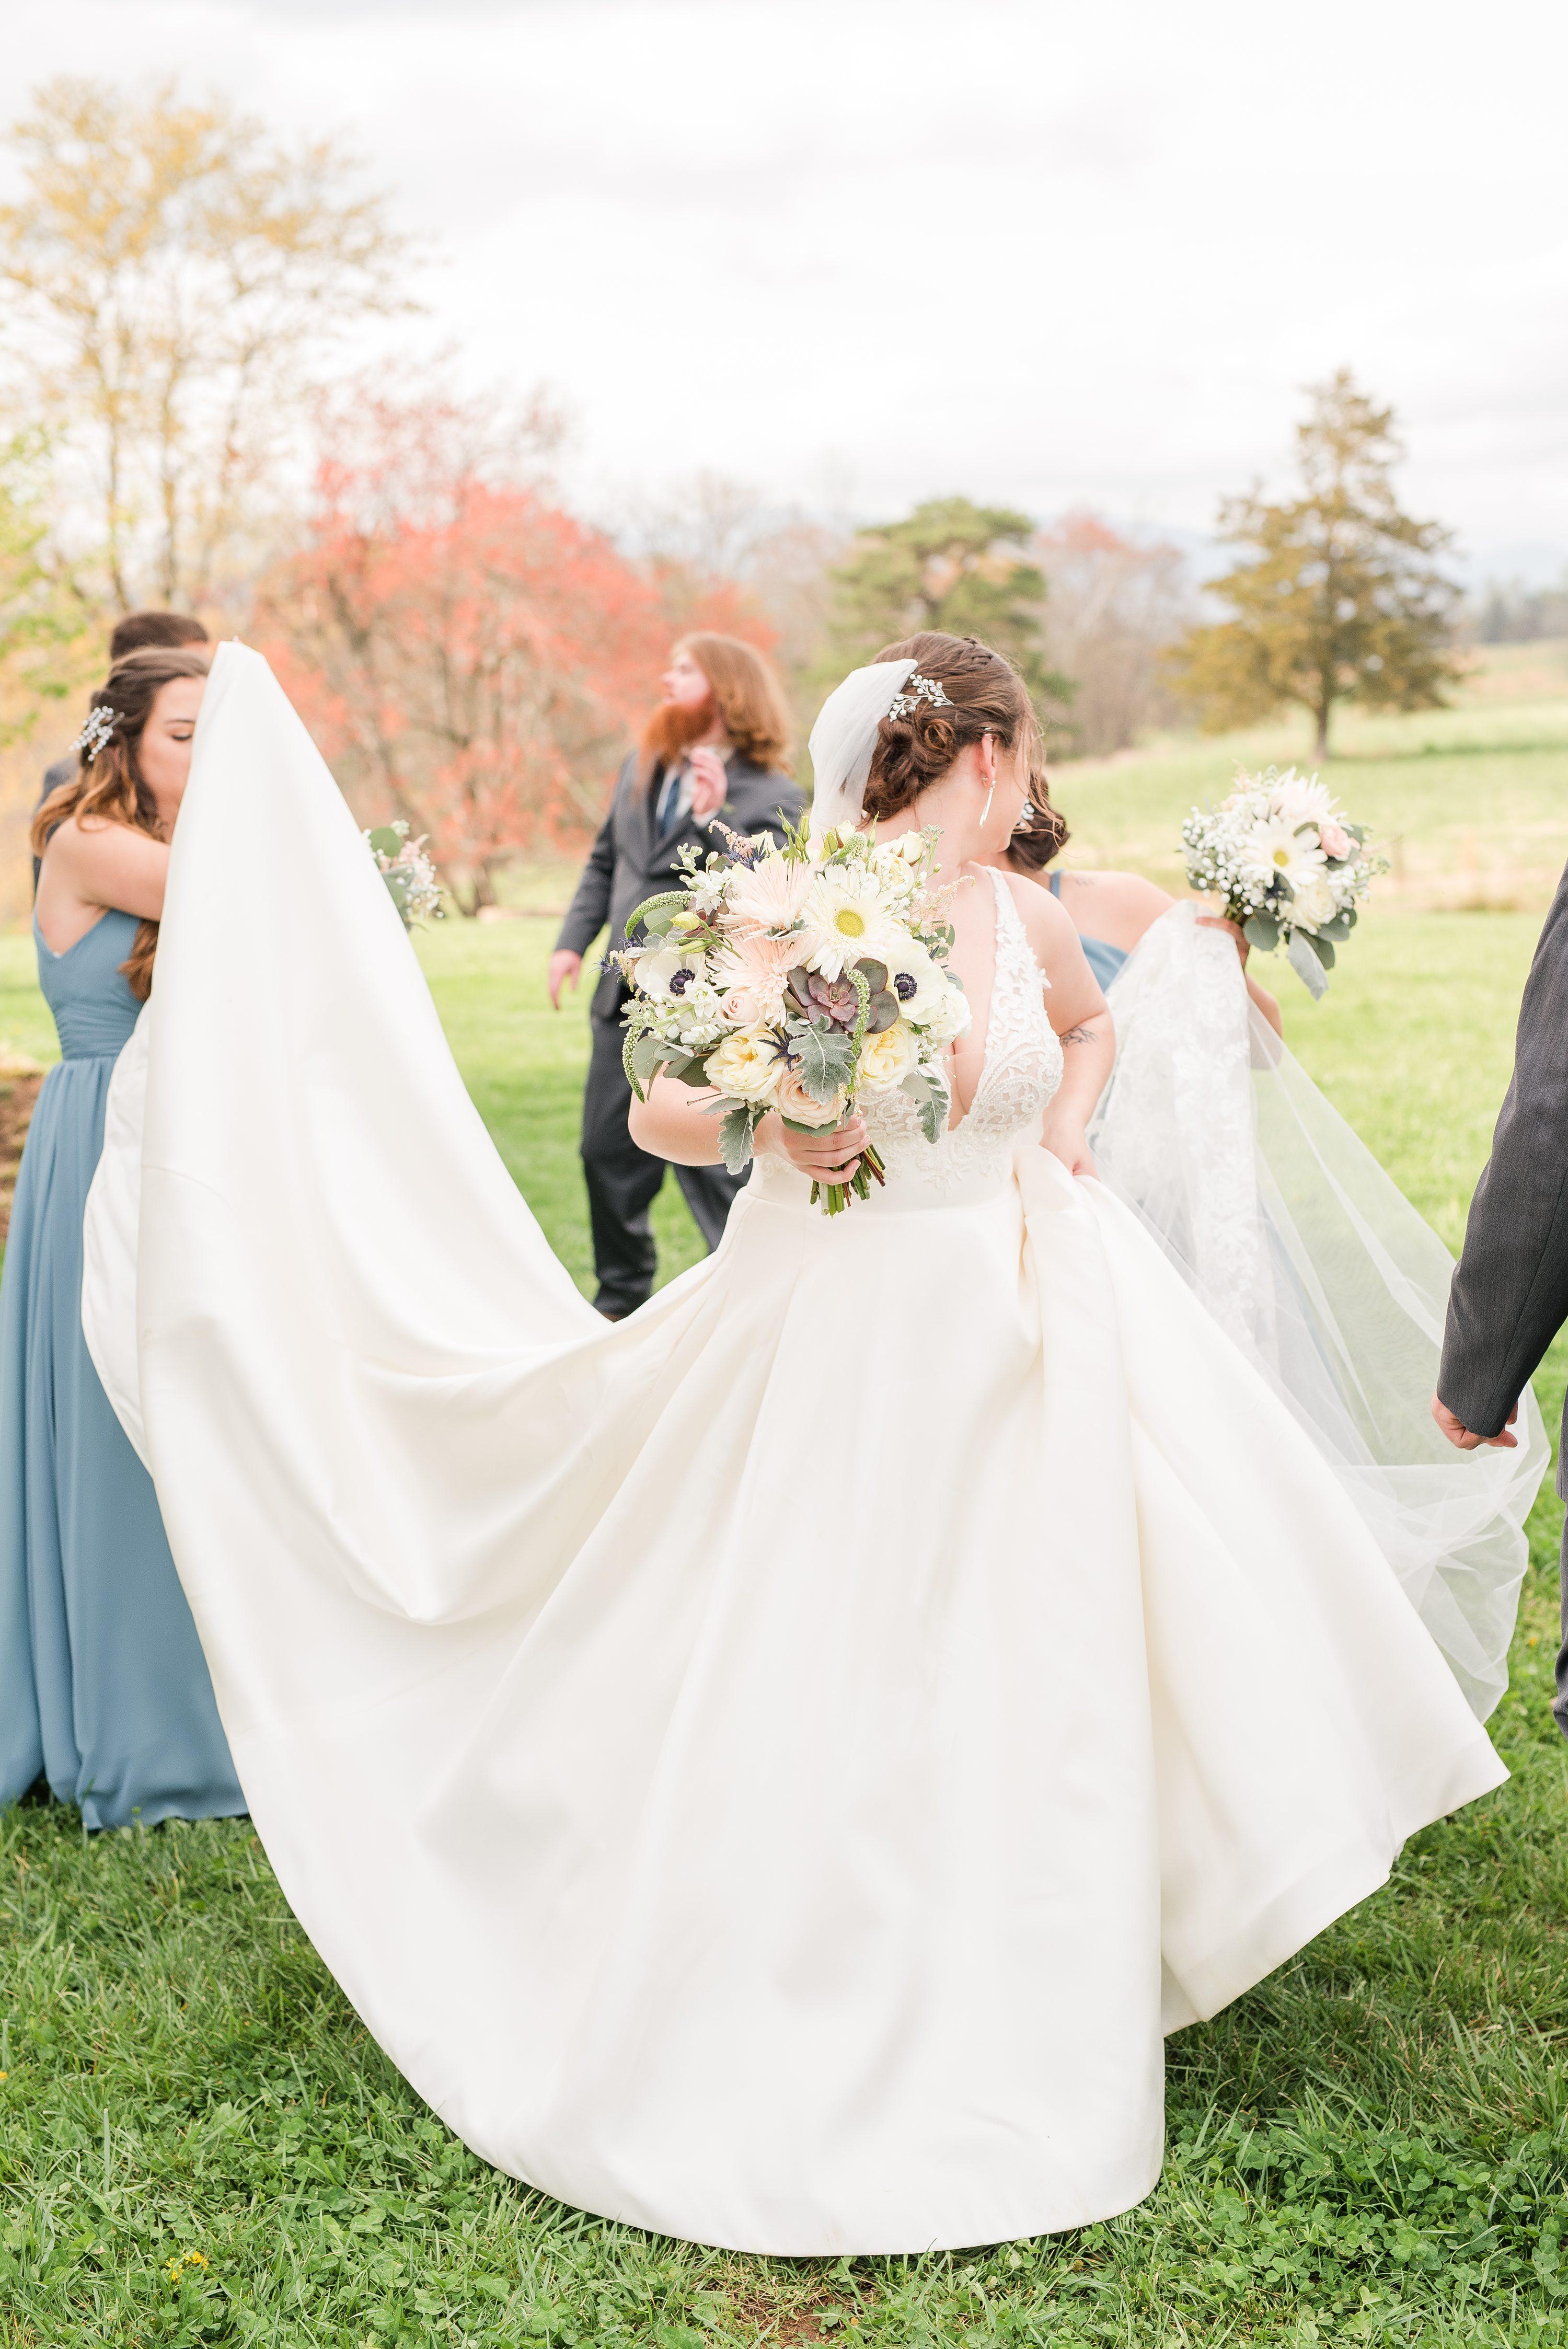 Outdoor Spring Wedding,Wedding,bride and bridesmaids